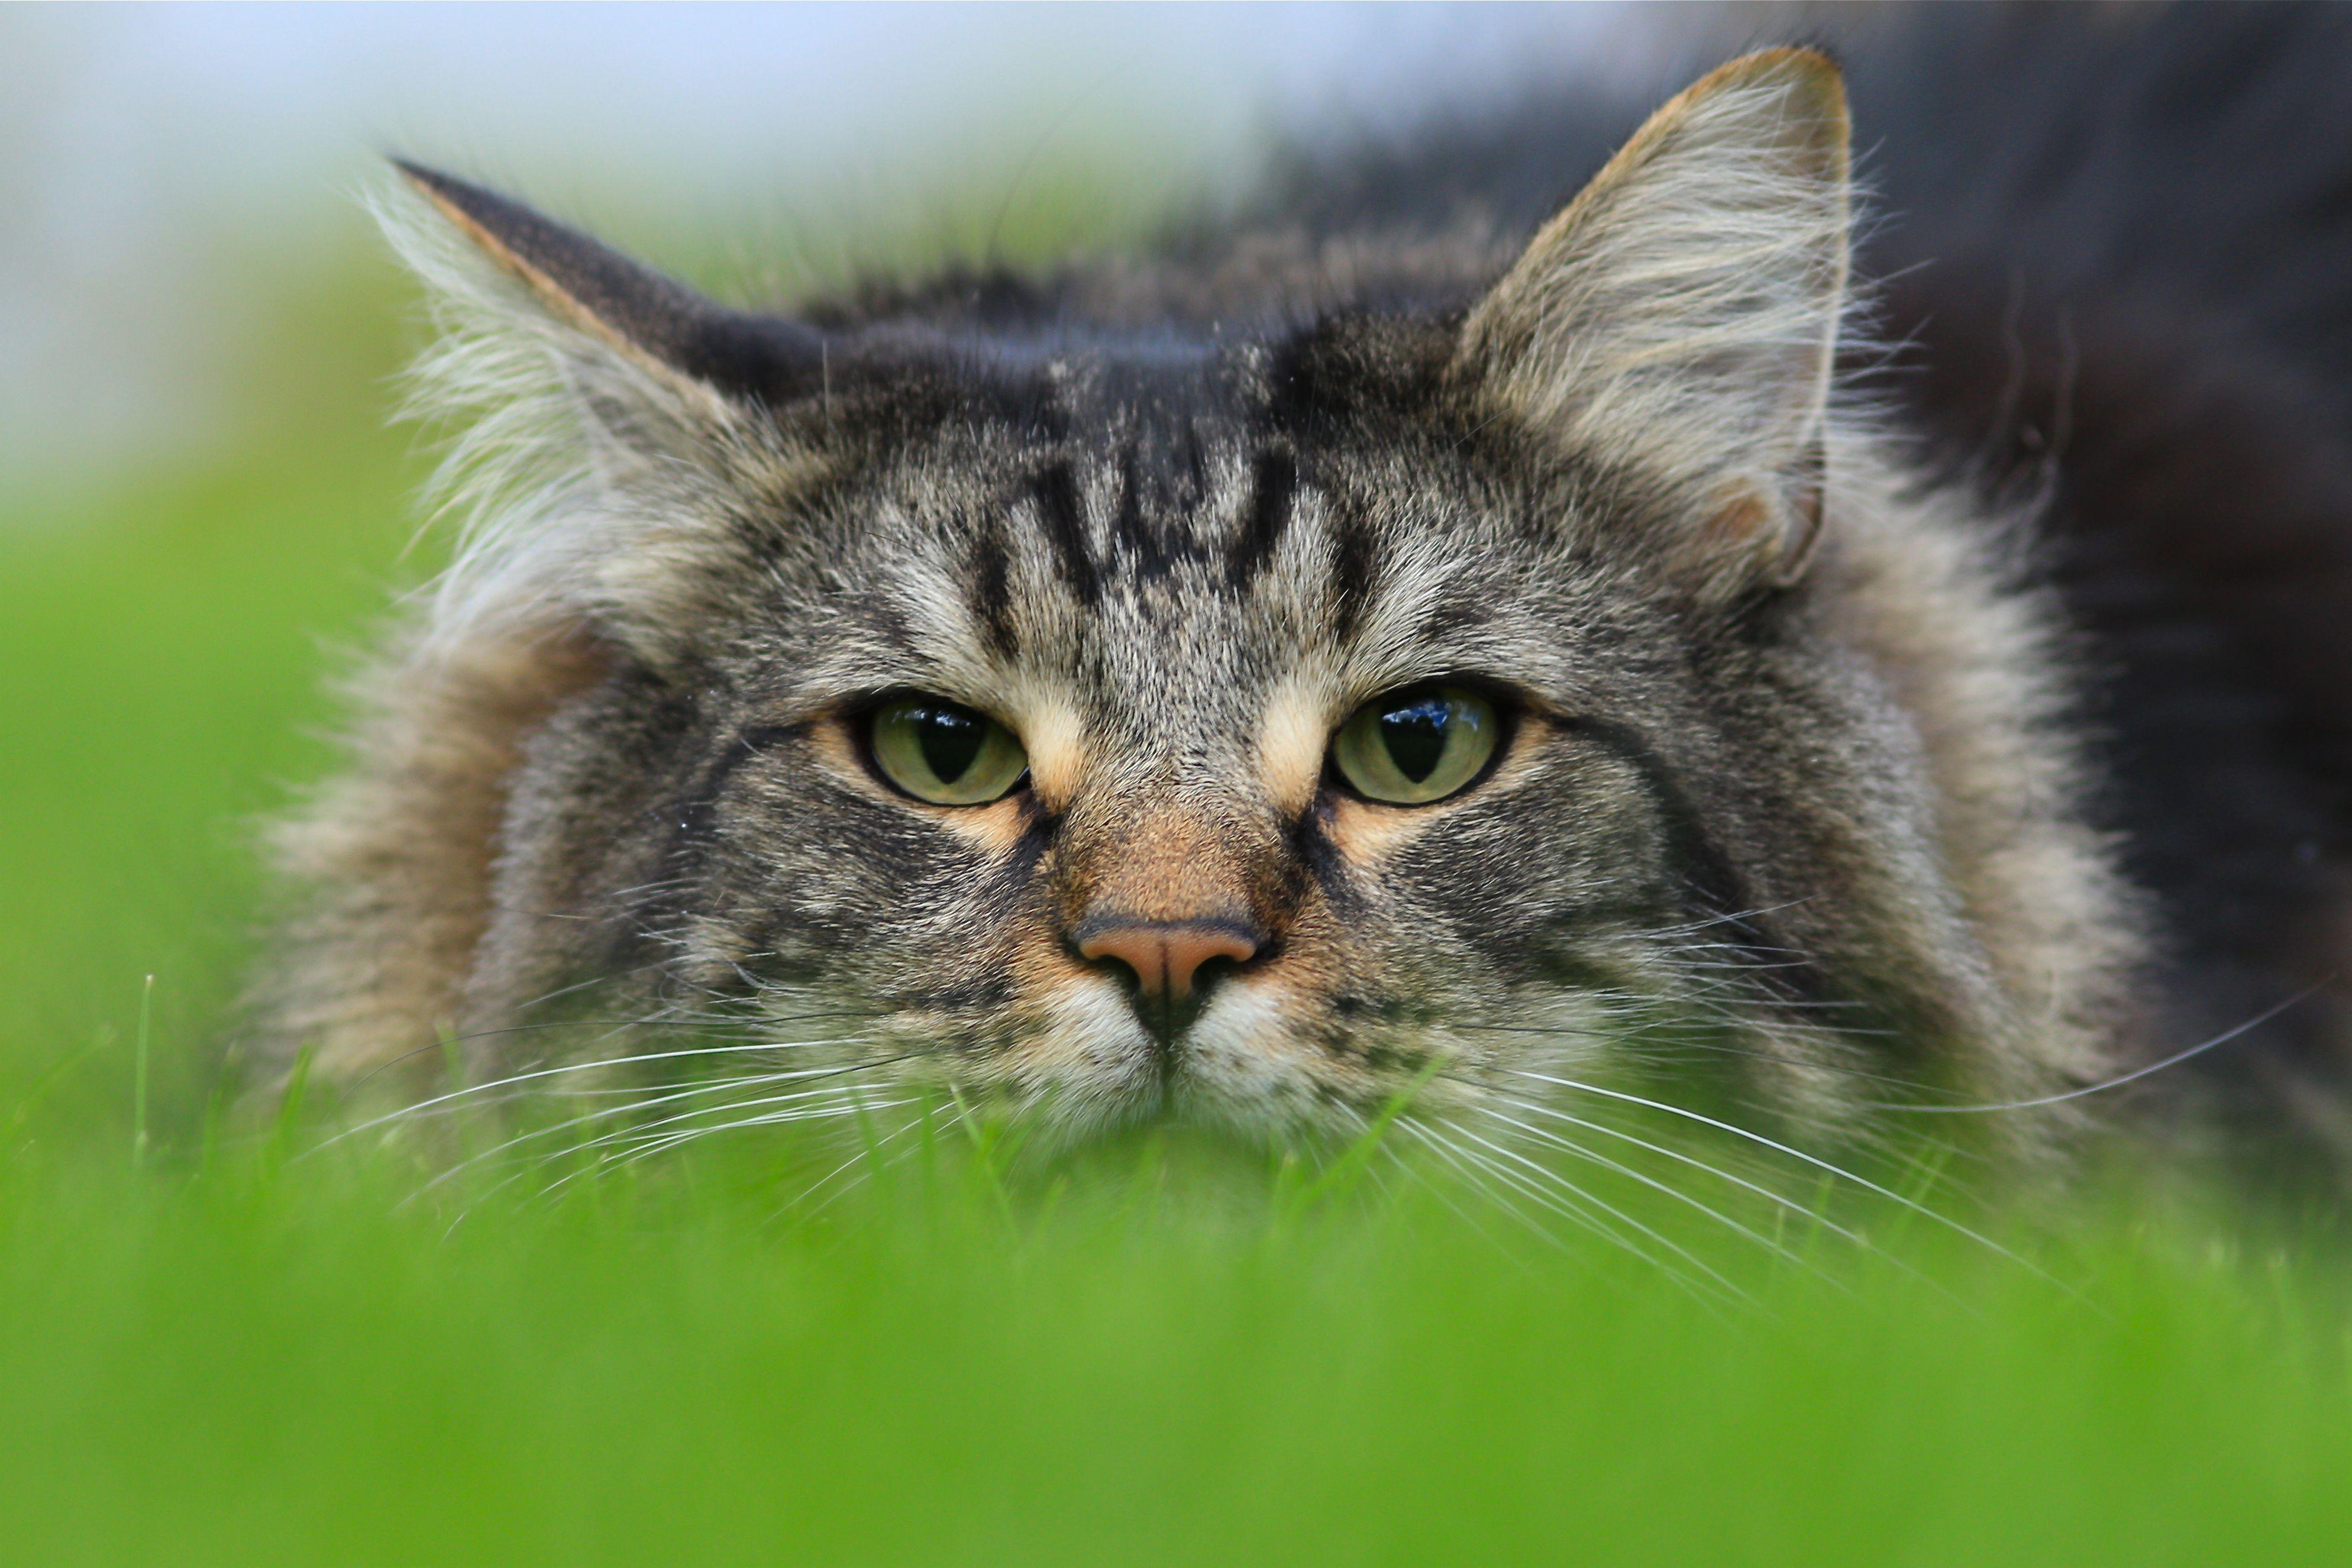 лесная скандинавская кошка фото базе крыше машины